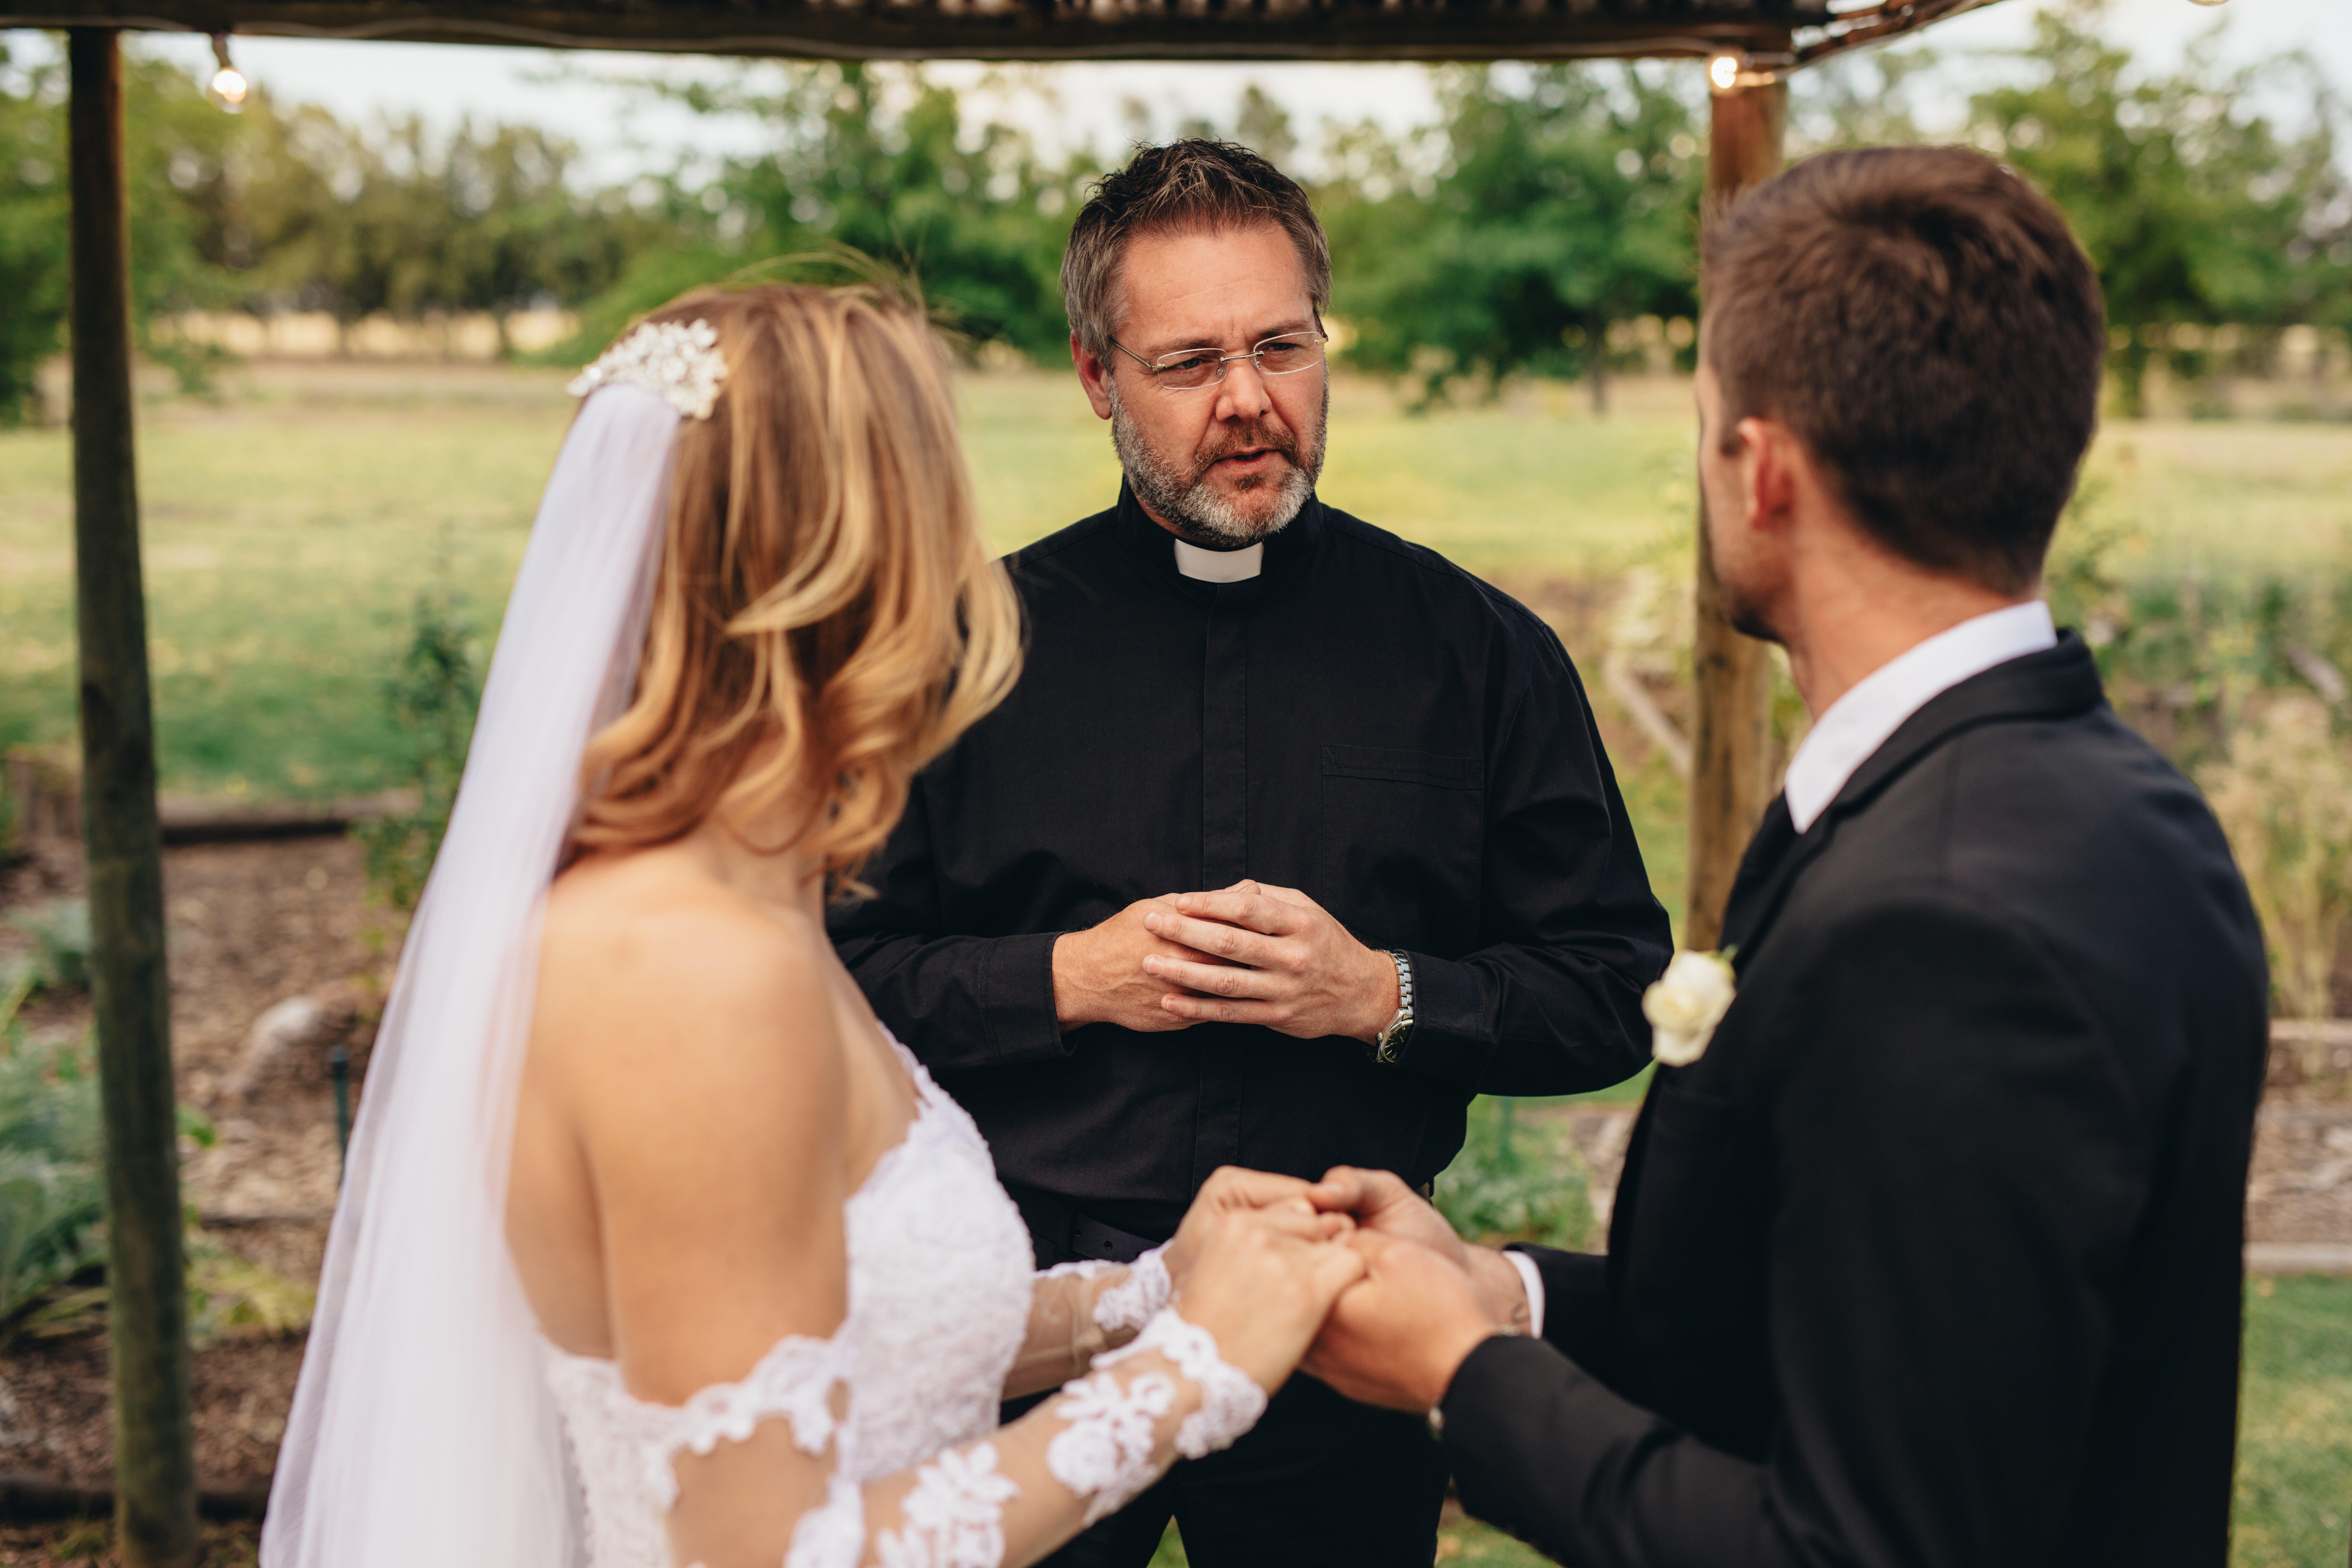 Un prêtre marie un couple lors d'une belle cérémonie de mariage en plein air. | Photo : Shutterstock